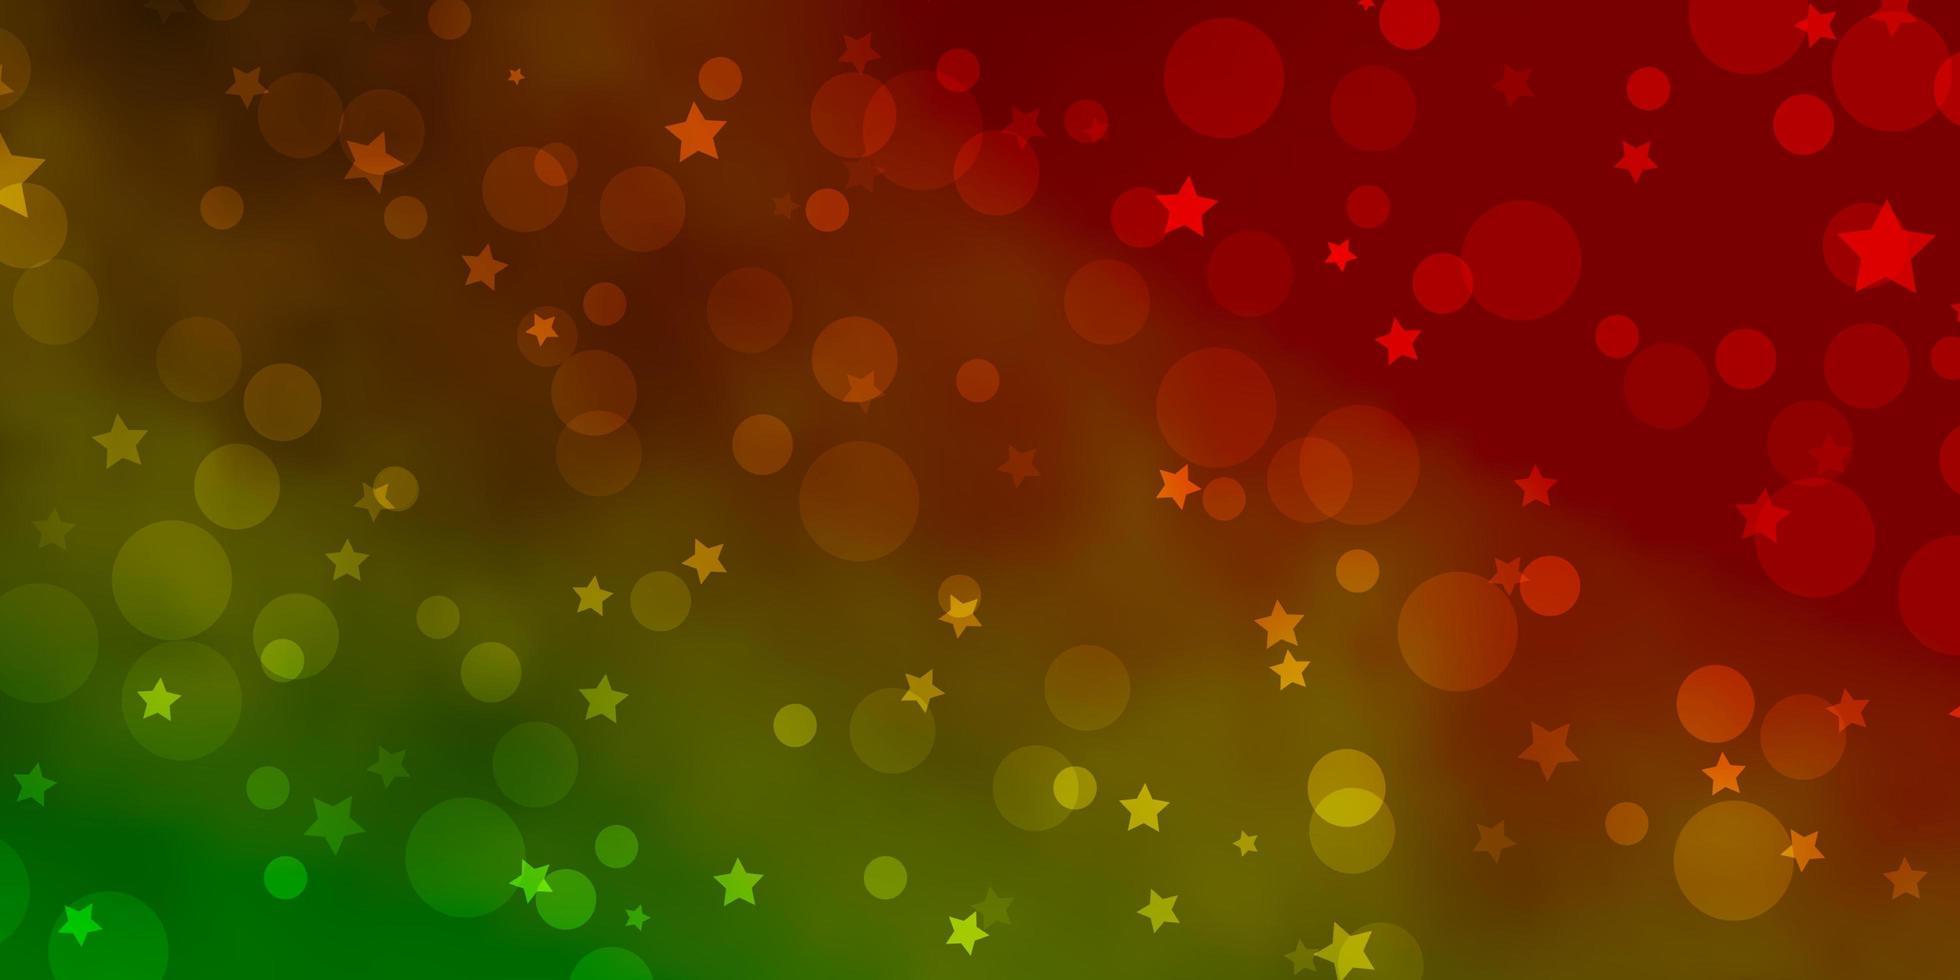 modelo de vetor verde e vermelho claro com círculos, estrelas.